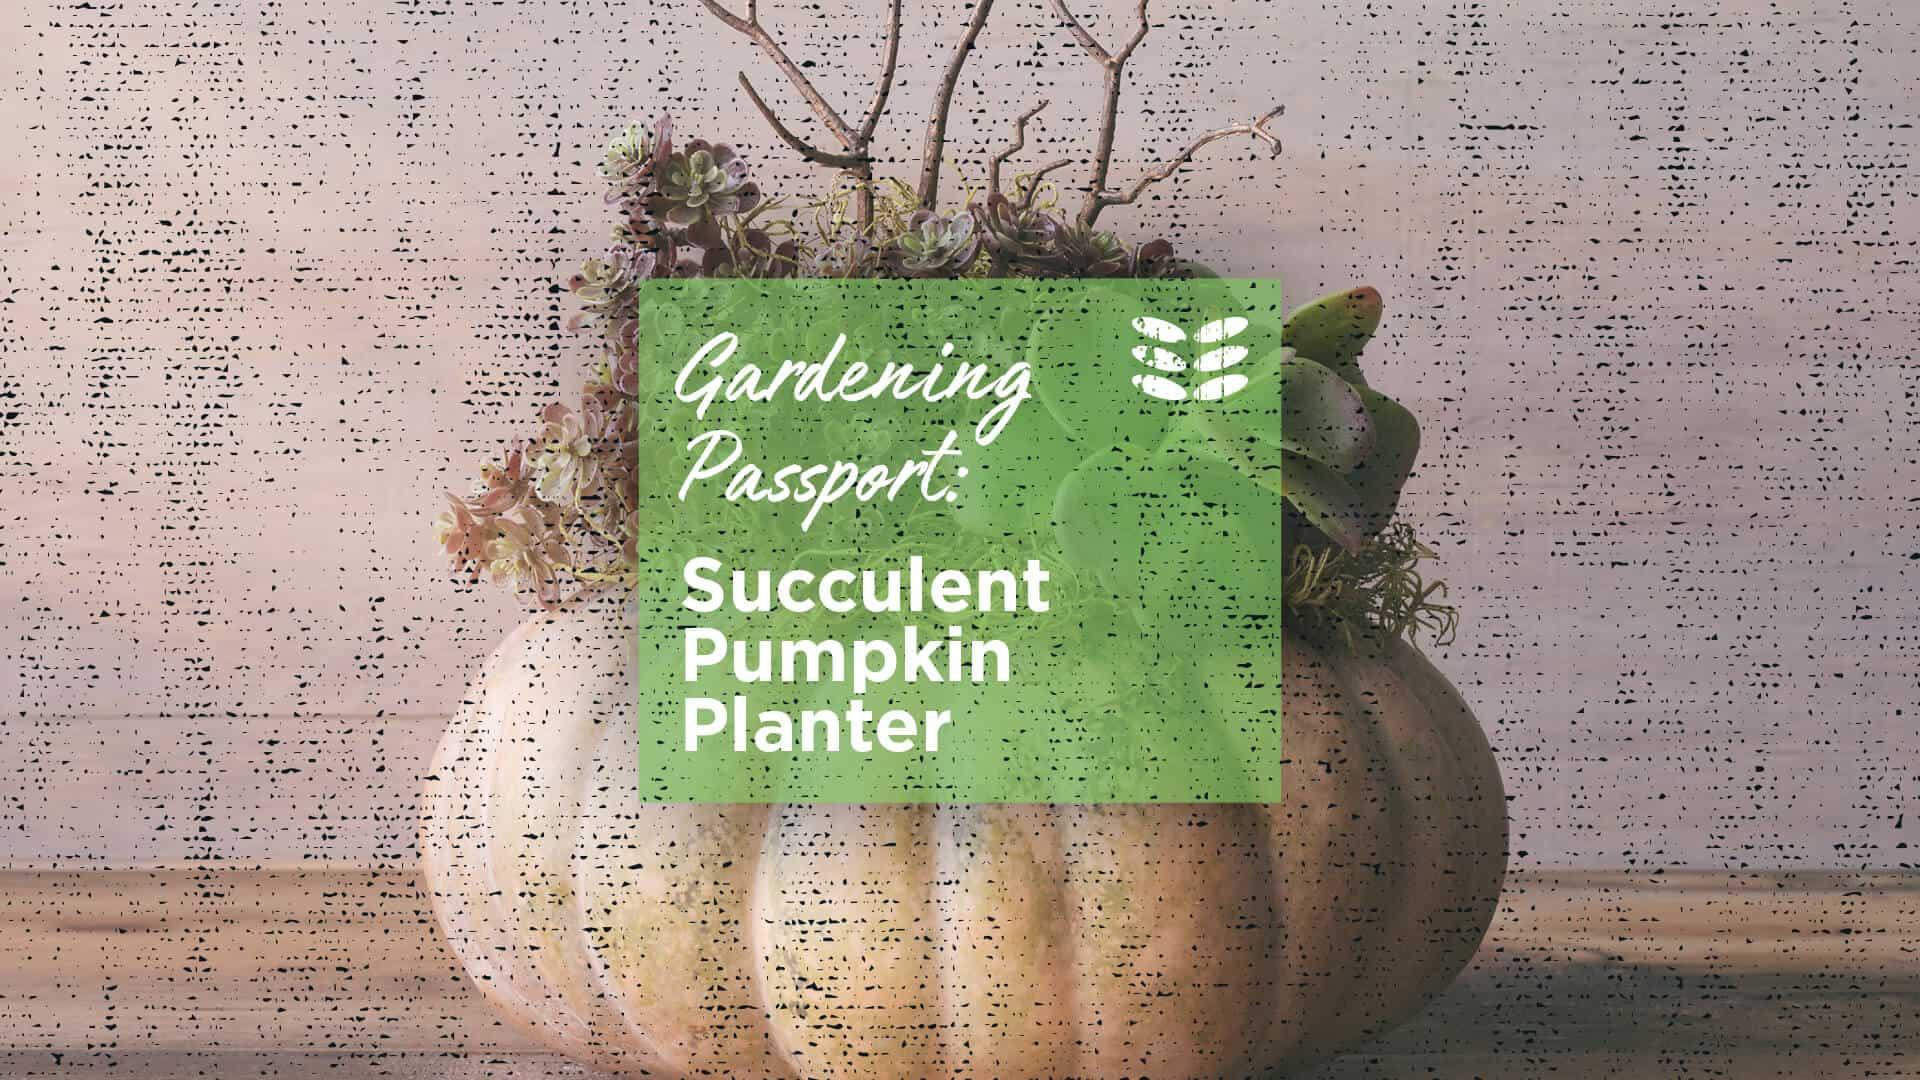 Succulent Pumpkin Planter October 10th